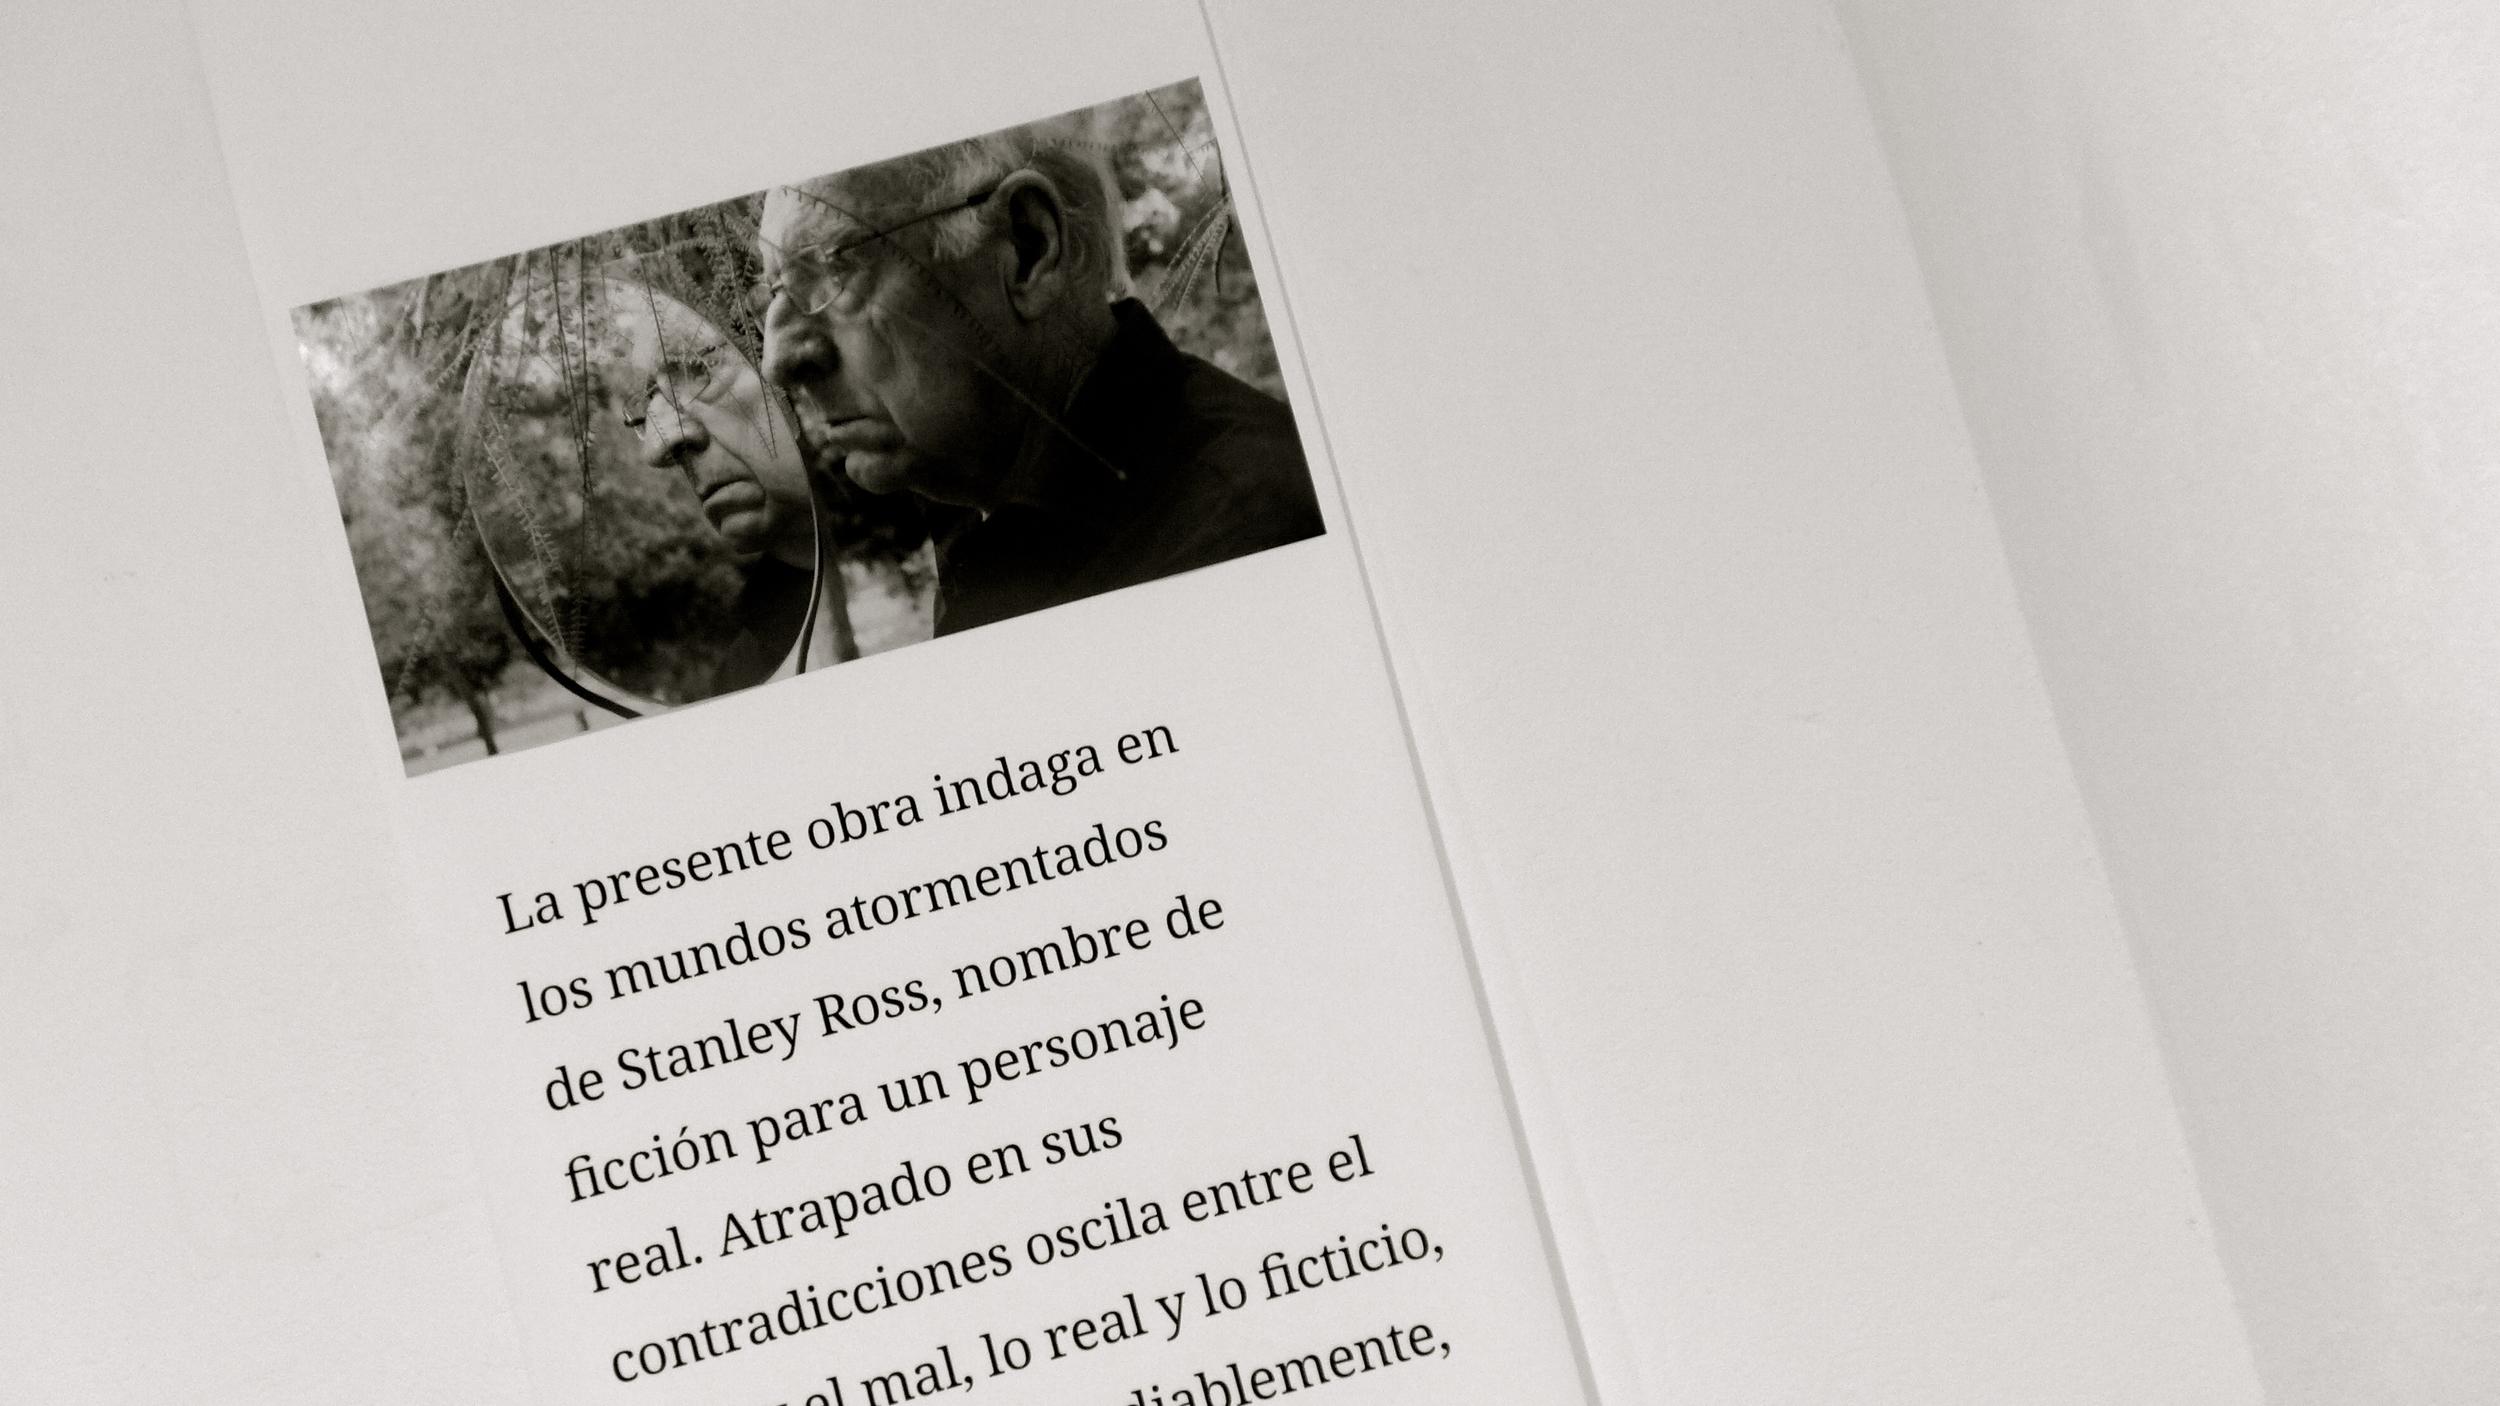 Archivo de sueños - 24